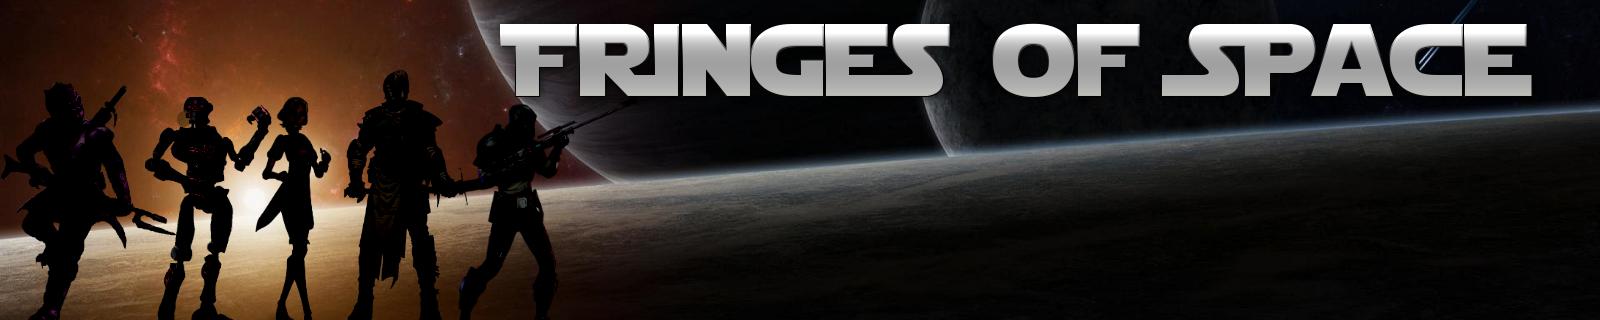 Fringes banner 7